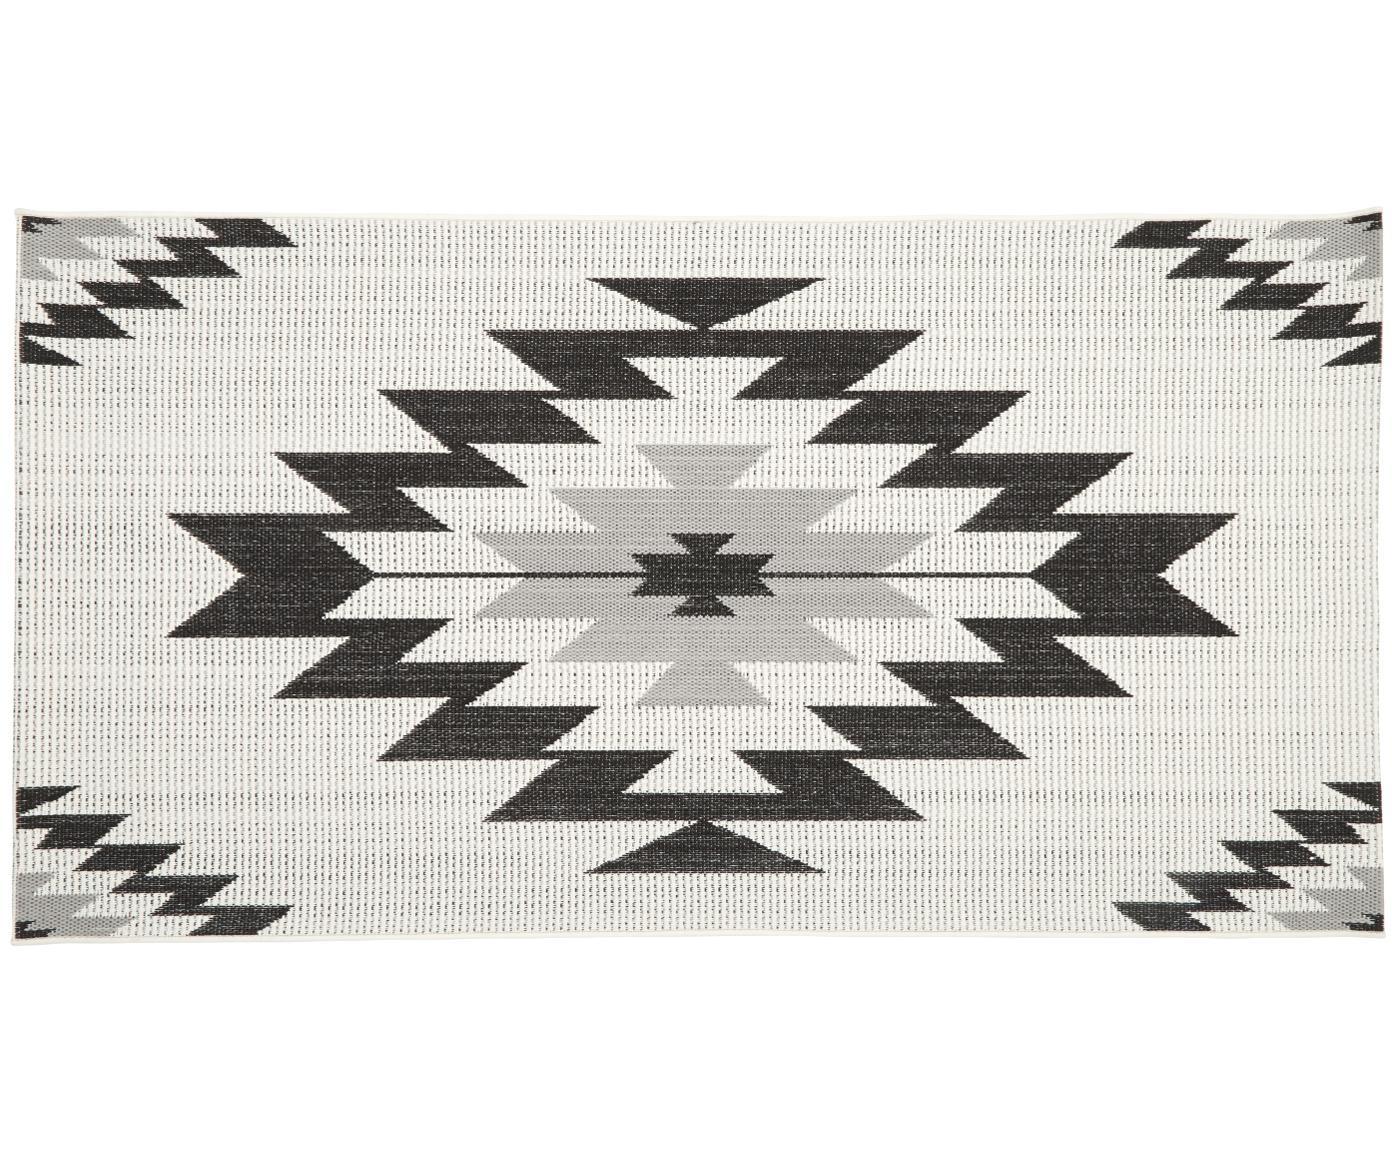 In- & Outdoor-Teppich Ikat mit Ethno Muster, Flor: 100% Polypropylen, Cremeweiß, Schwarz, Grau, B 80 x L 150 cm (Größe XS)